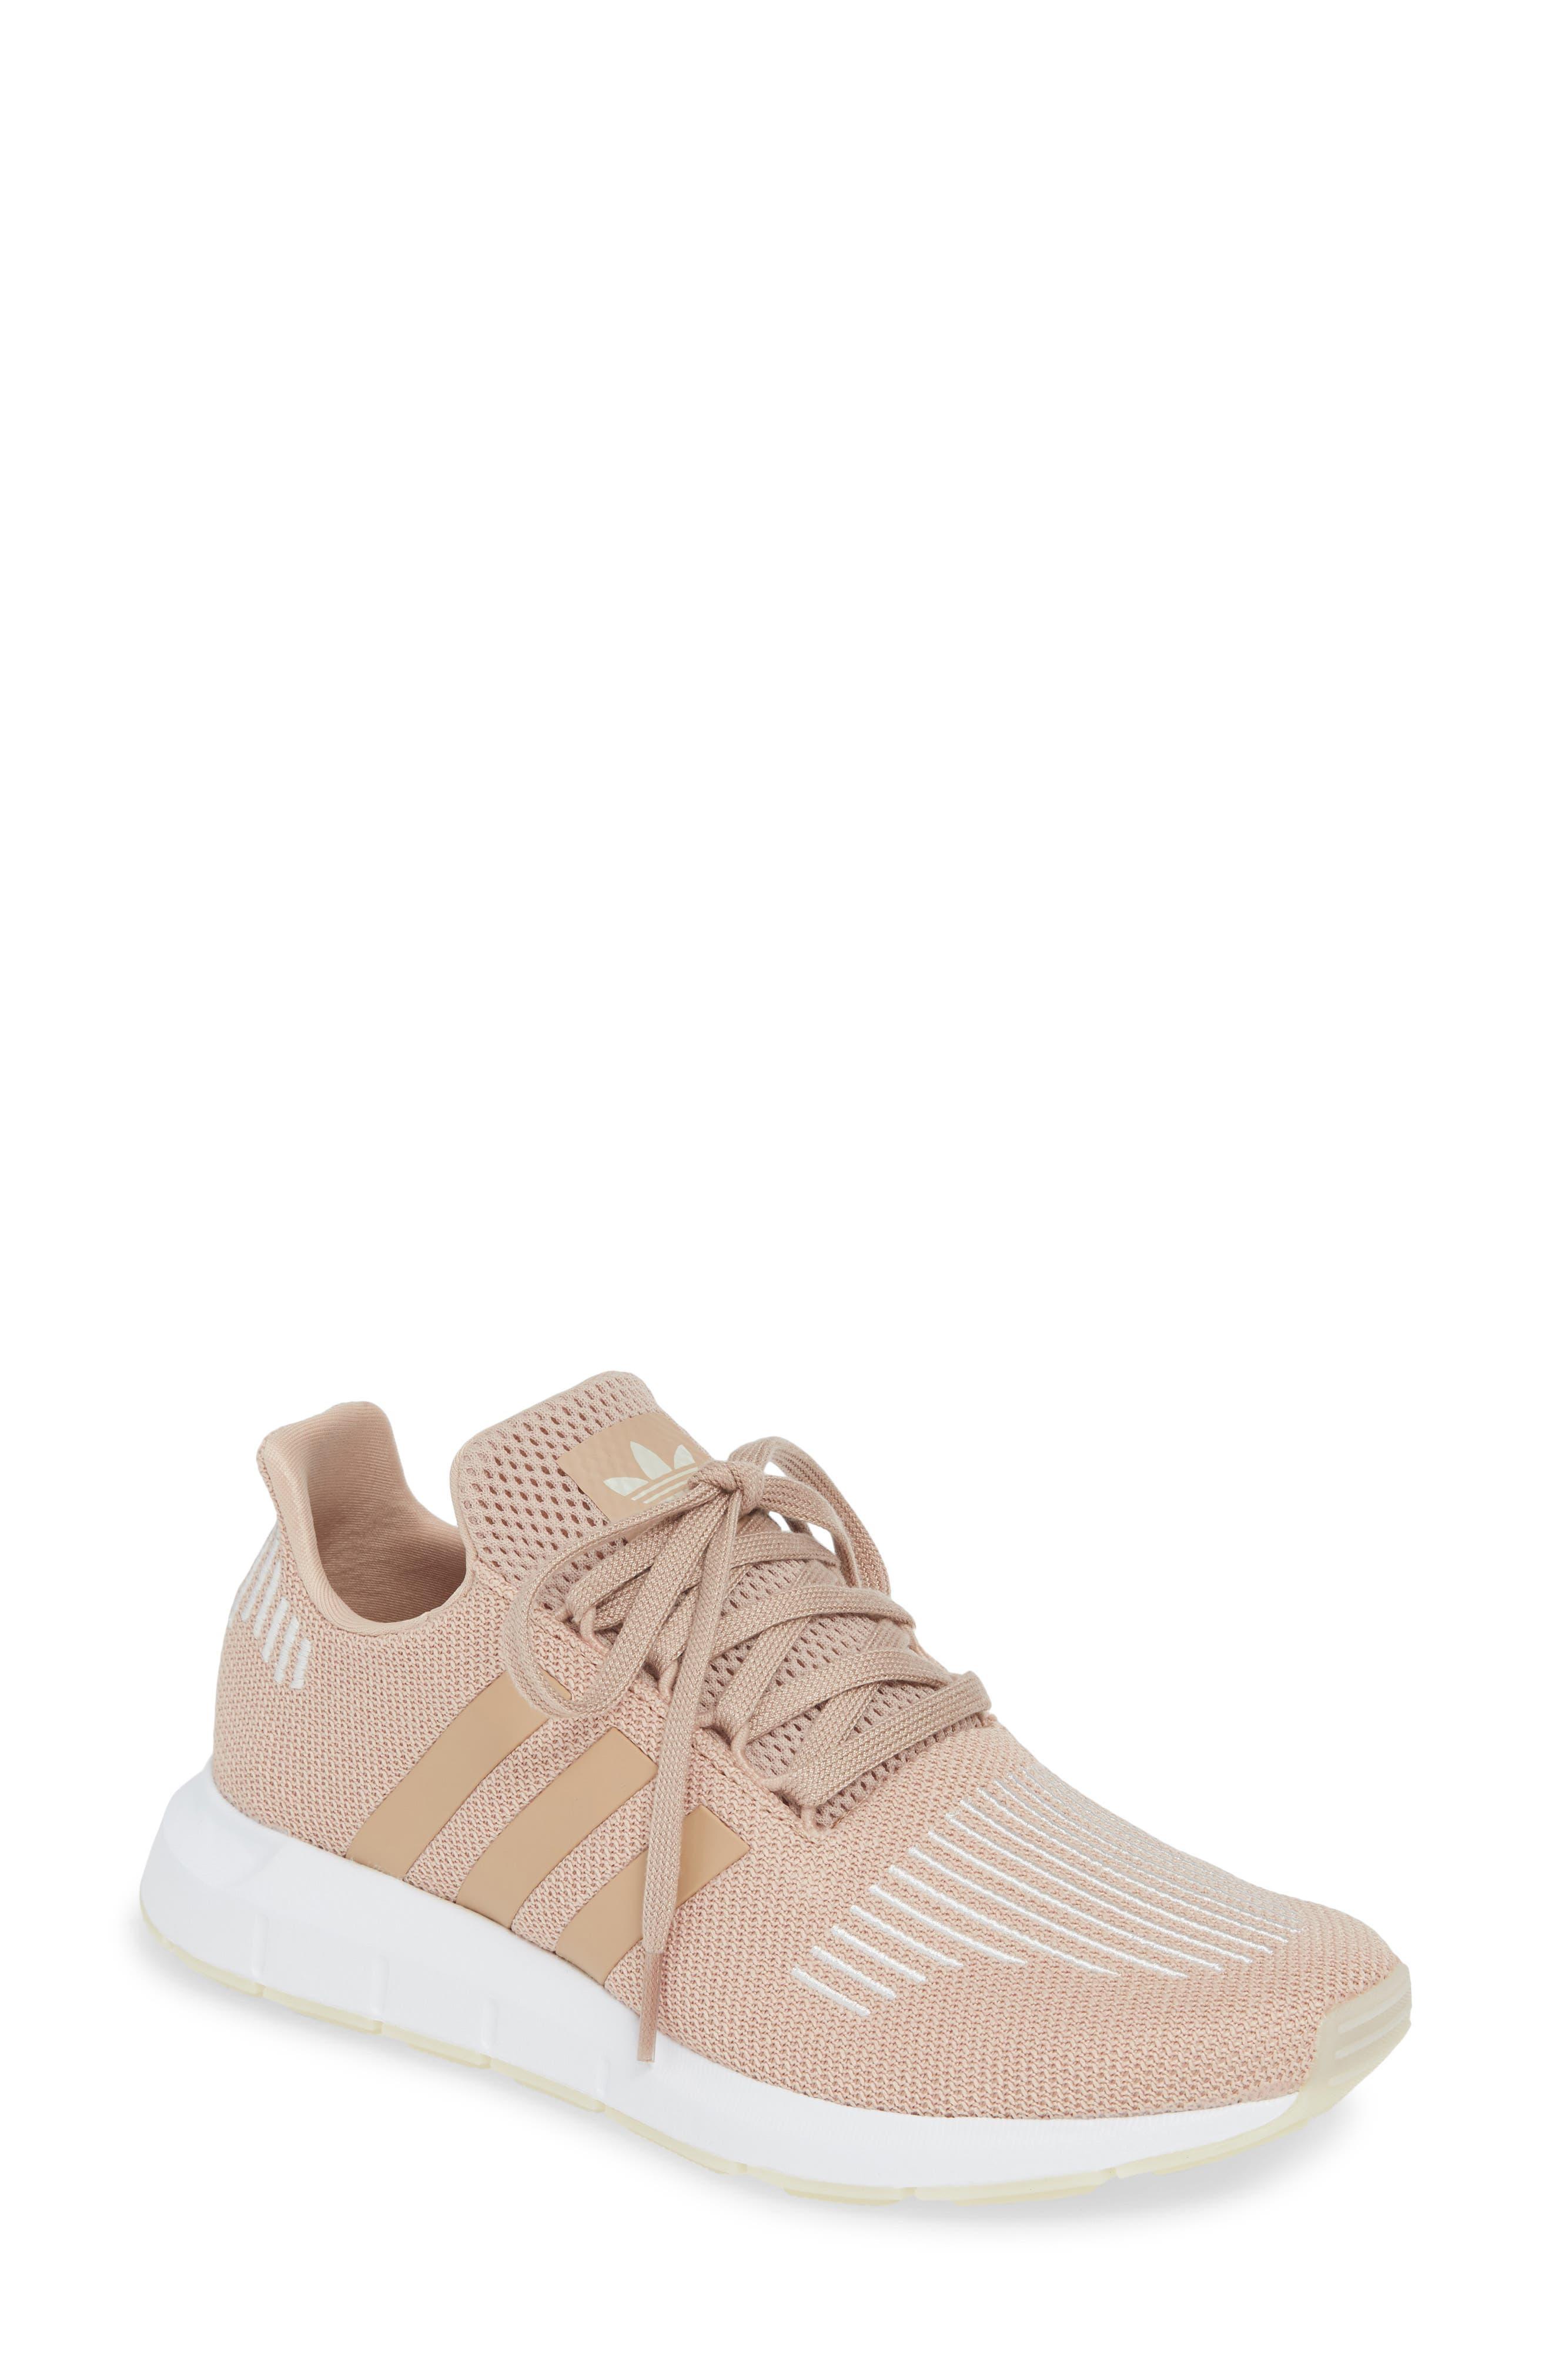 Swift Run Sneaker, Main, color, ASH PEARL/ OFF WHITE/ WHITE